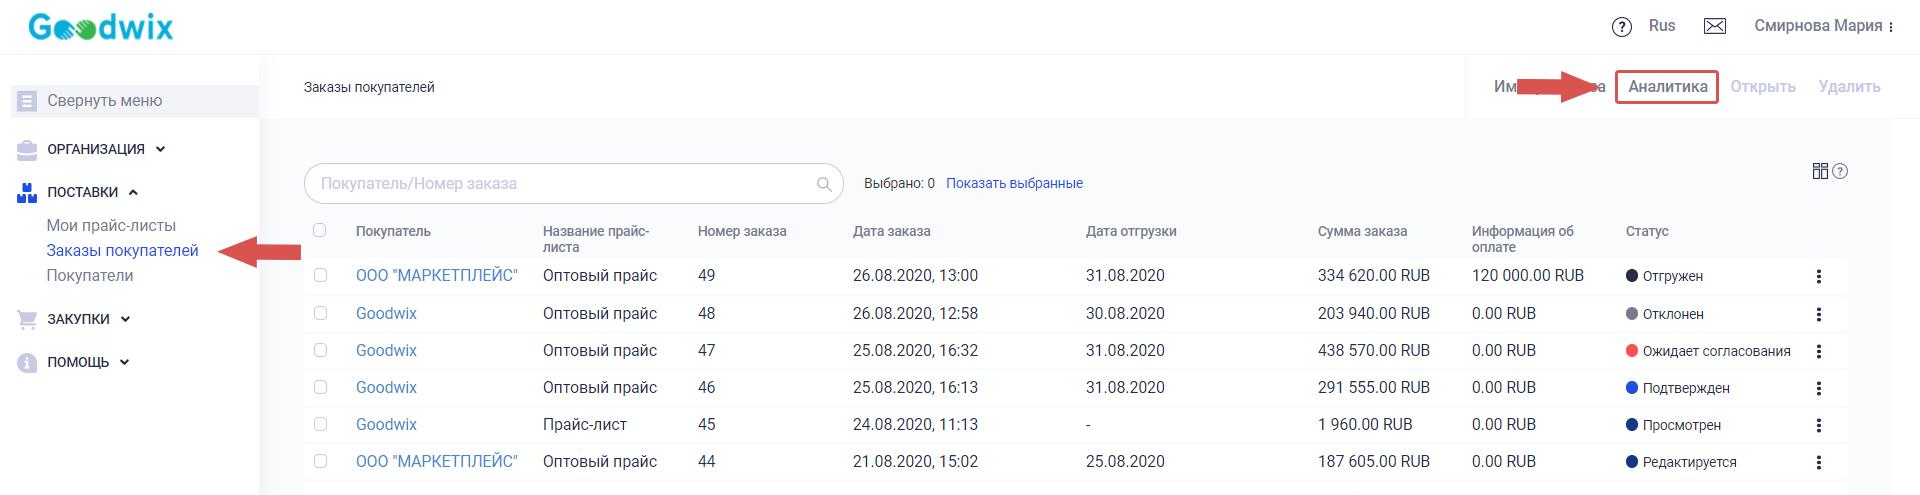 Аналитика по заказам_Руководство по работе с заказами